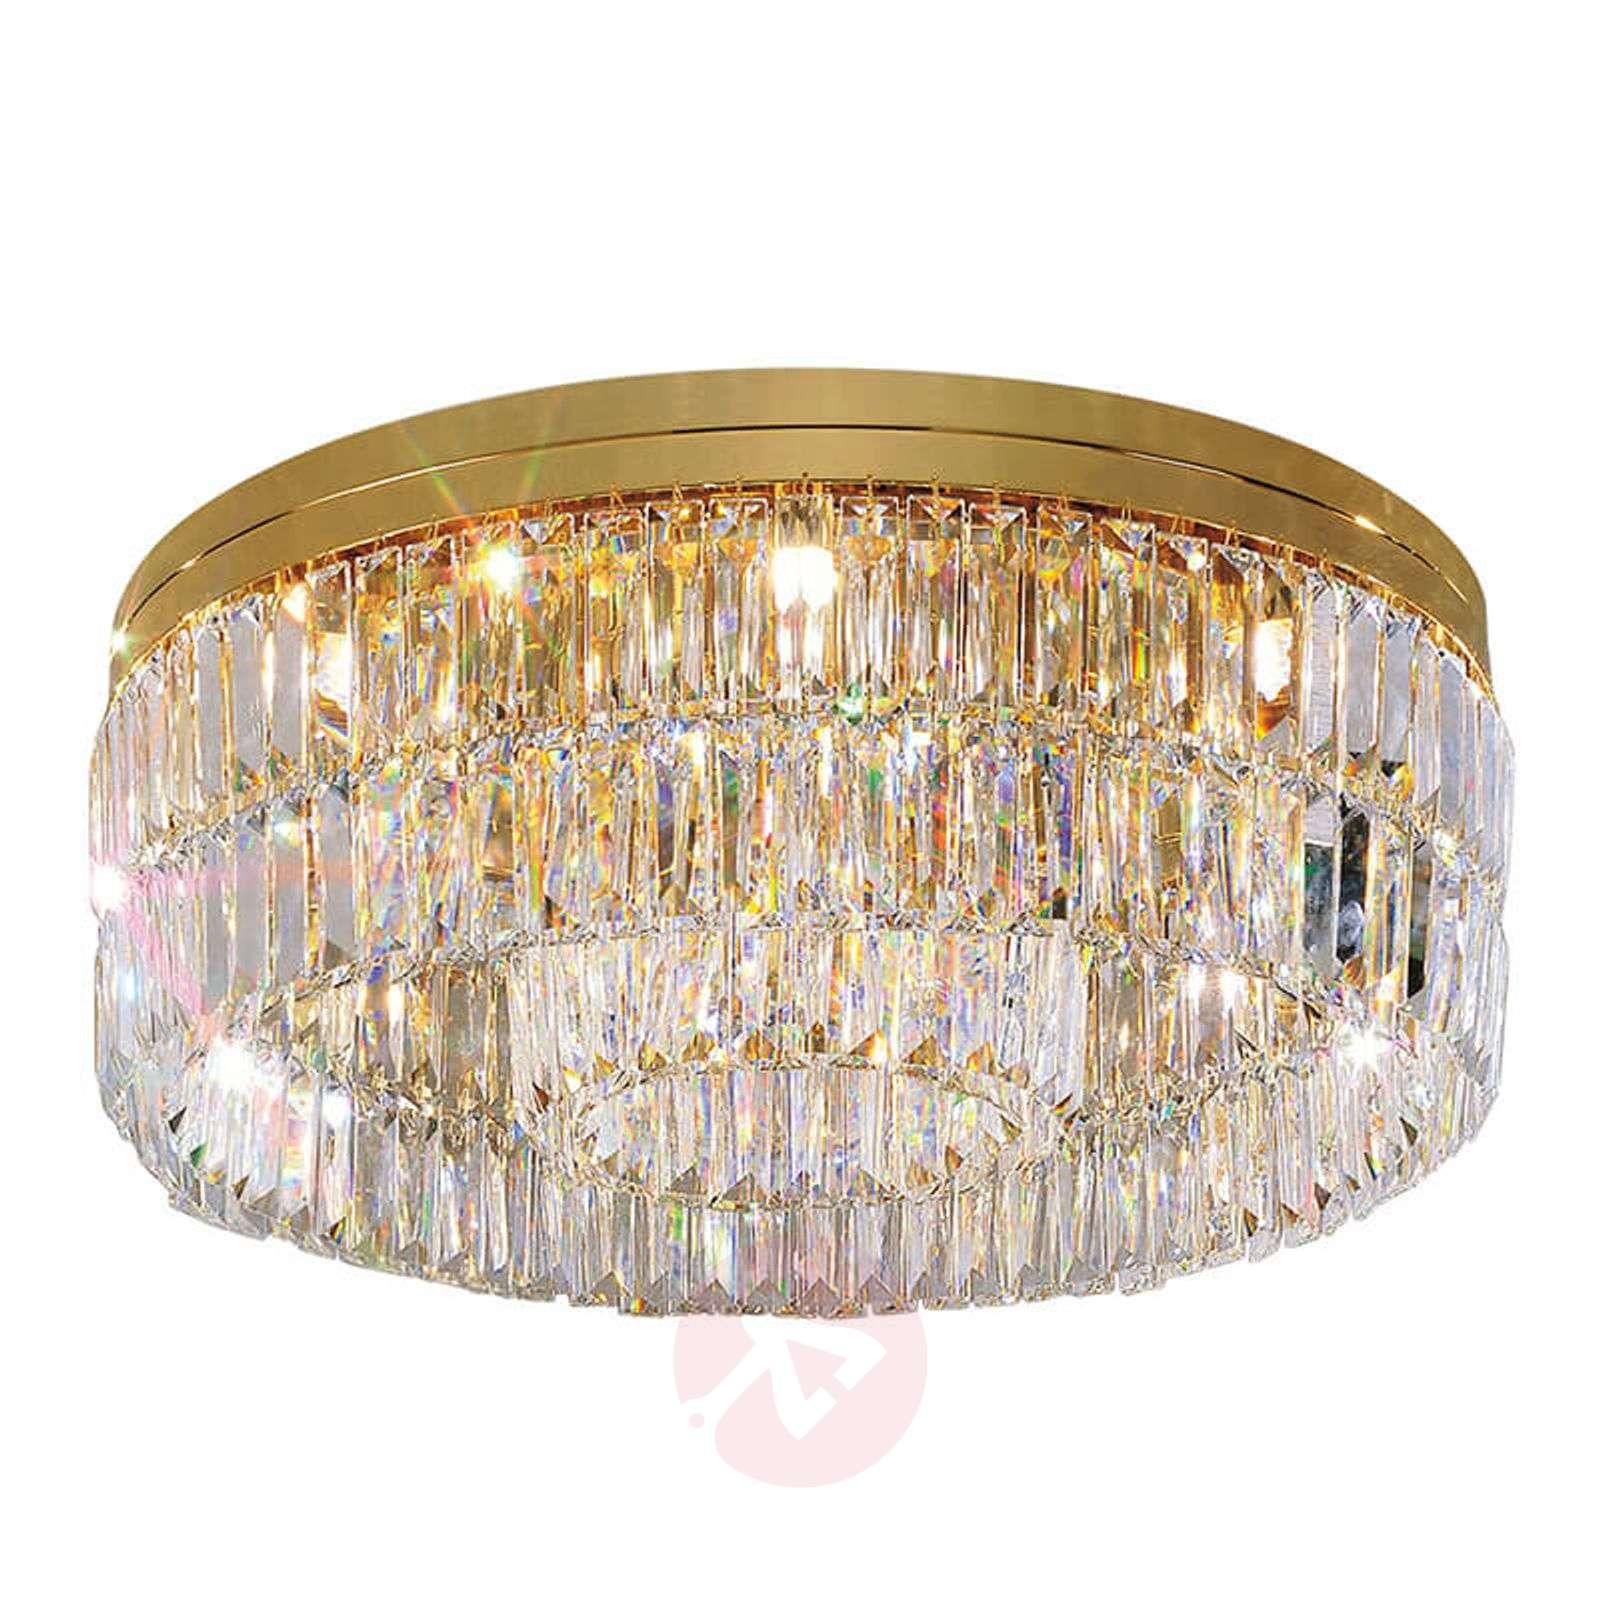 LED kattovalaisin Led Easy Ø 38cm, harjattu teräs